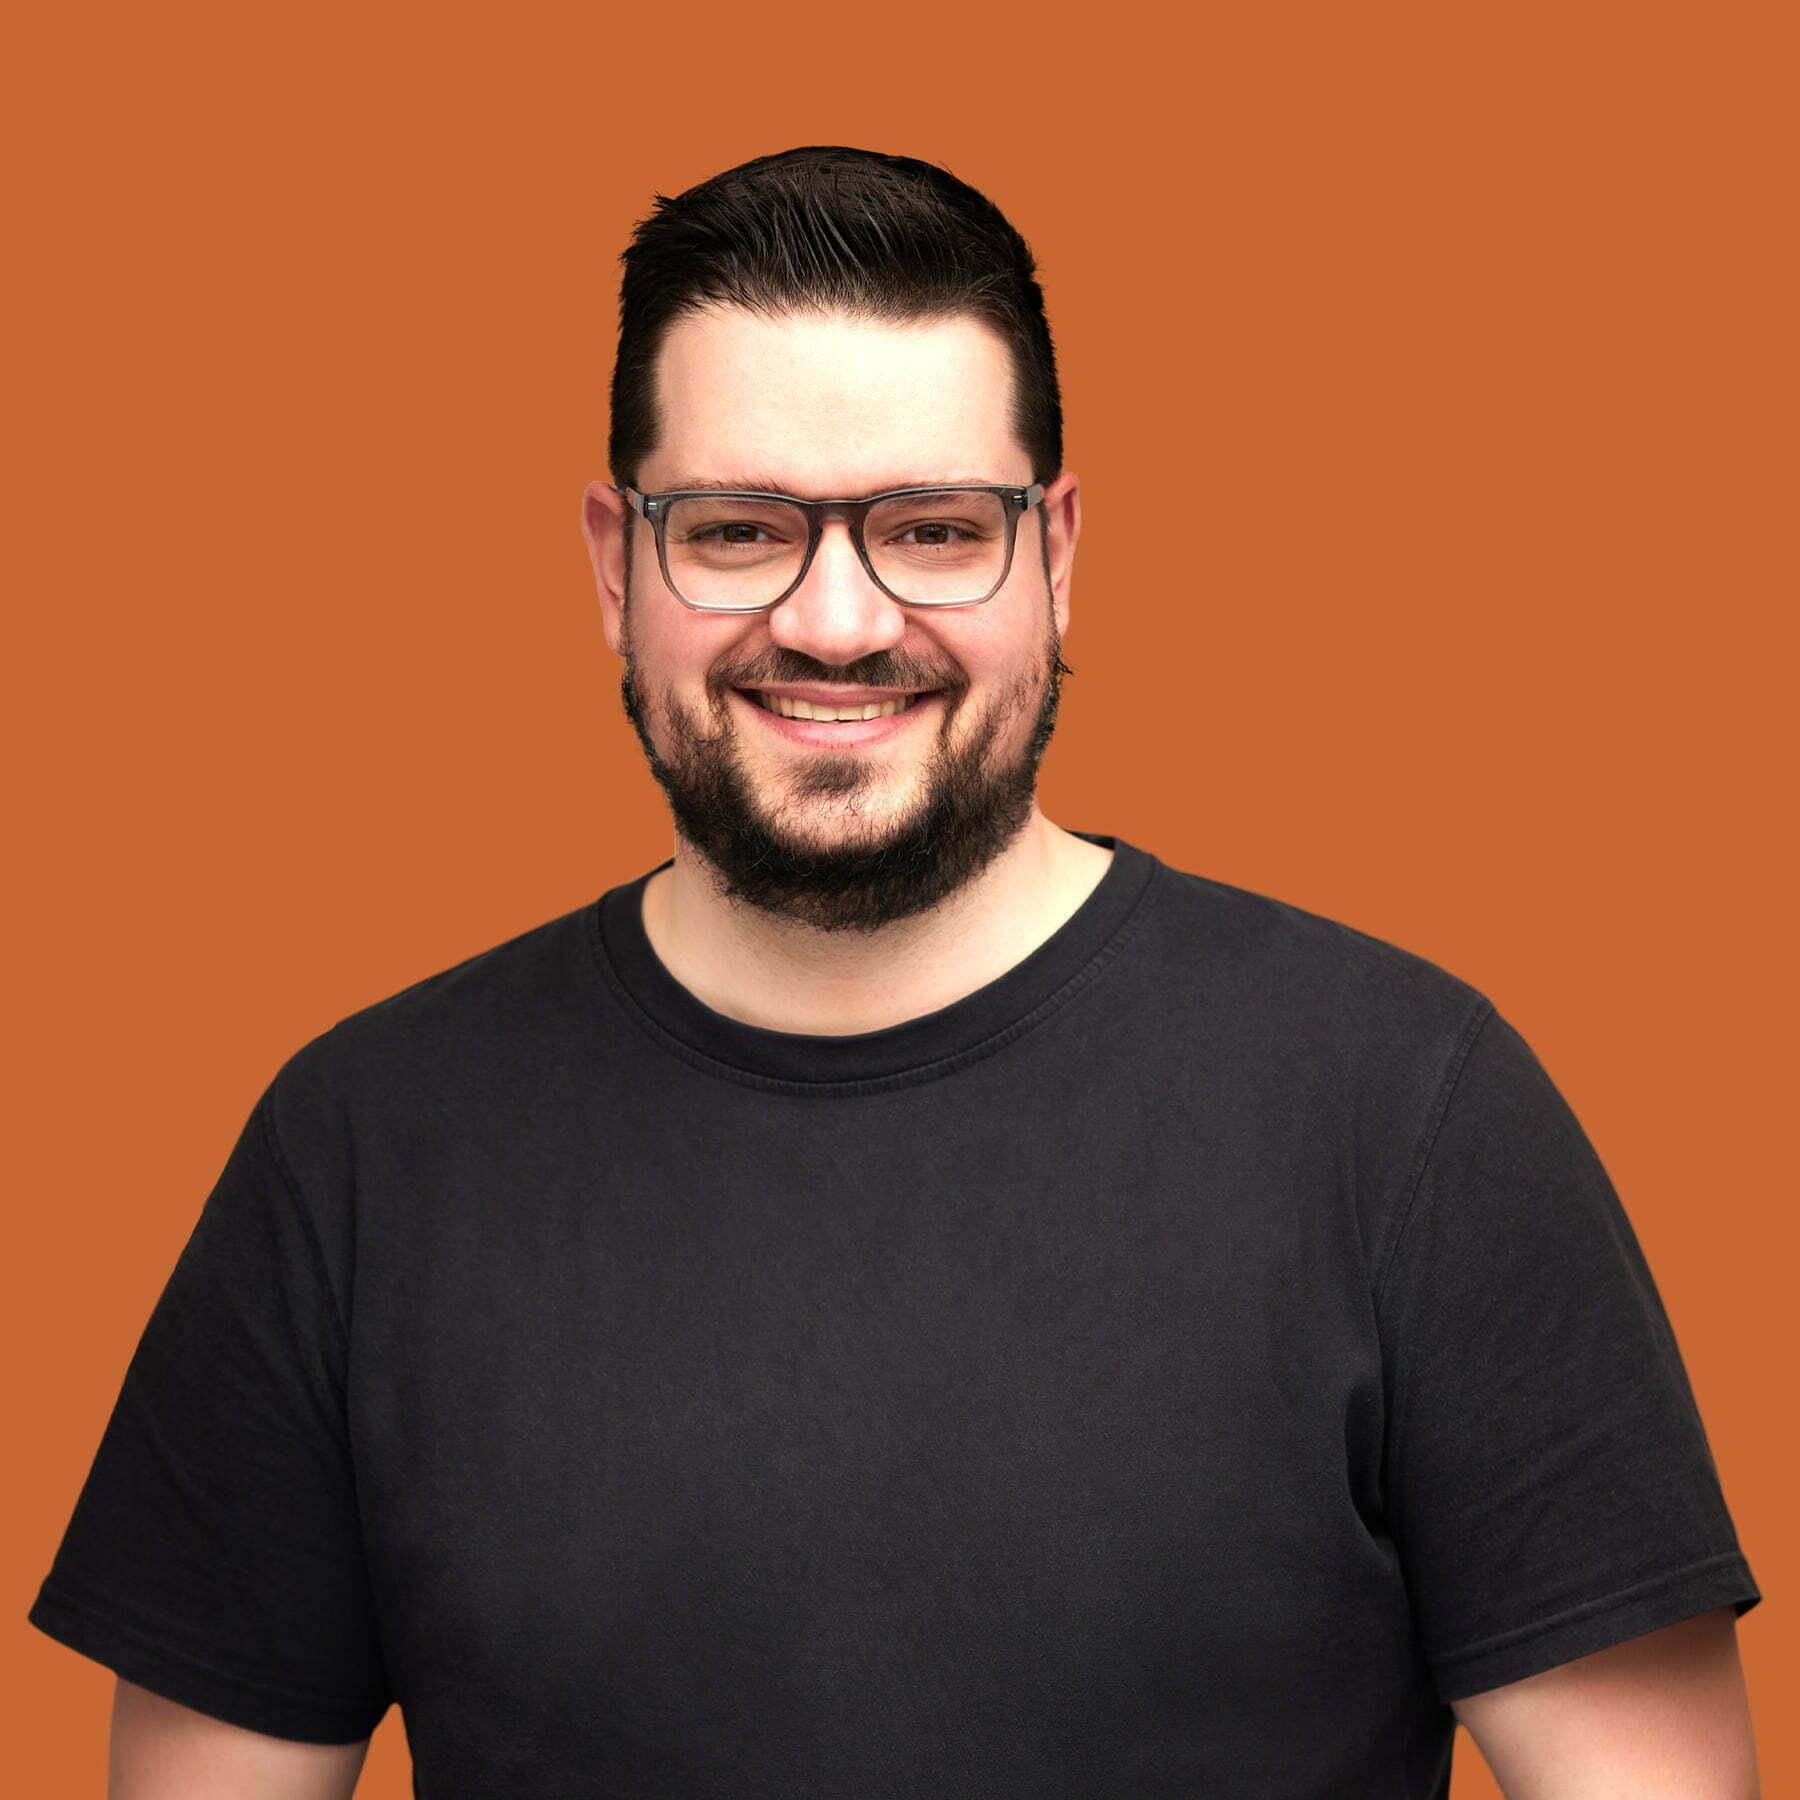 Jean-Philippe-orange